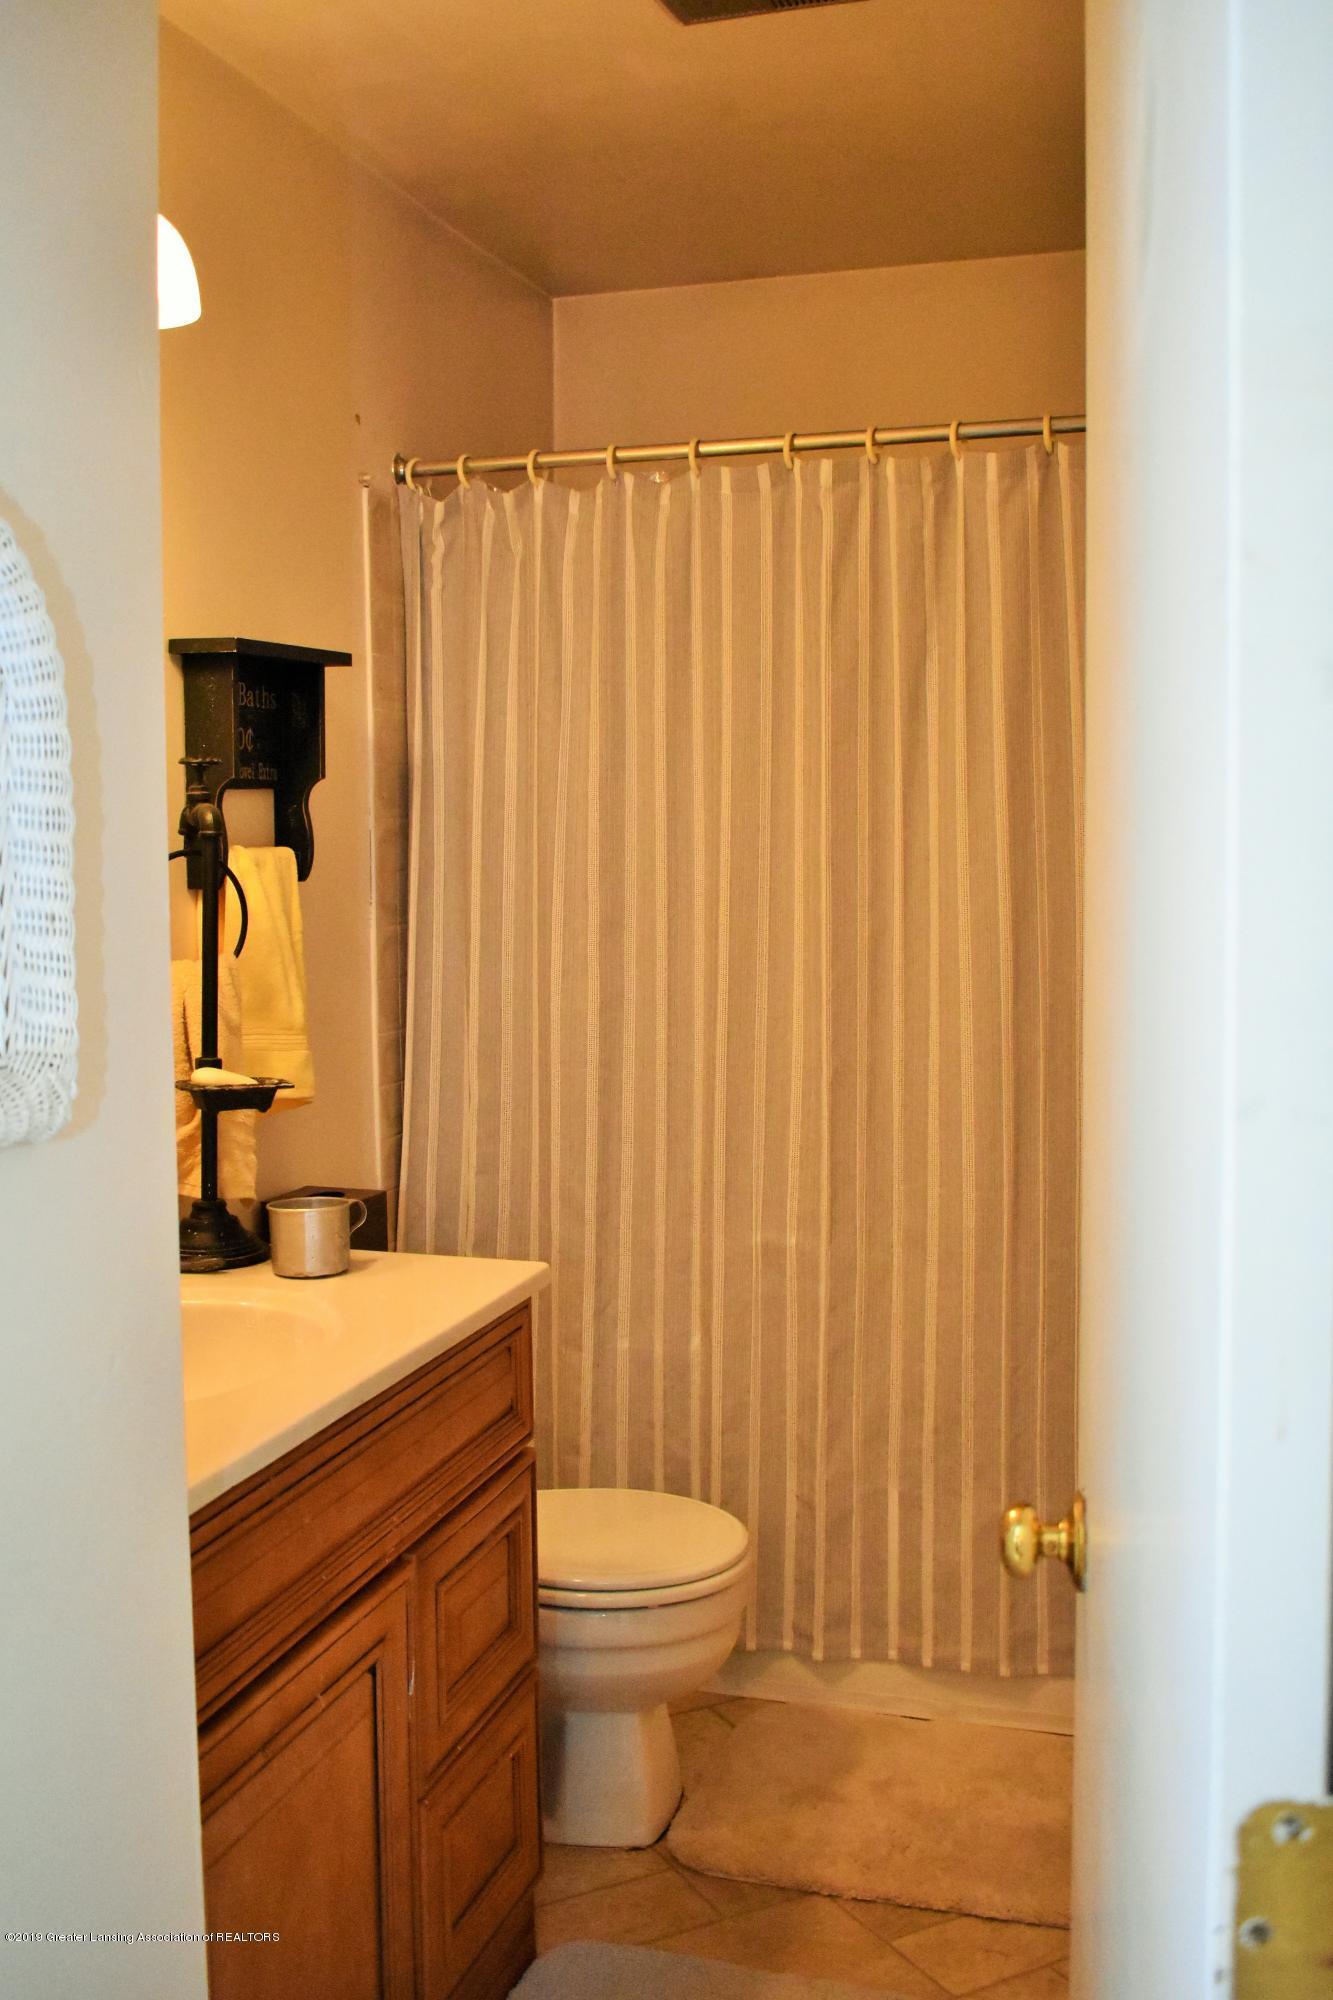 4394 Keller Rd - 32.JPG 4394 Keller Rd. bathroom - 14